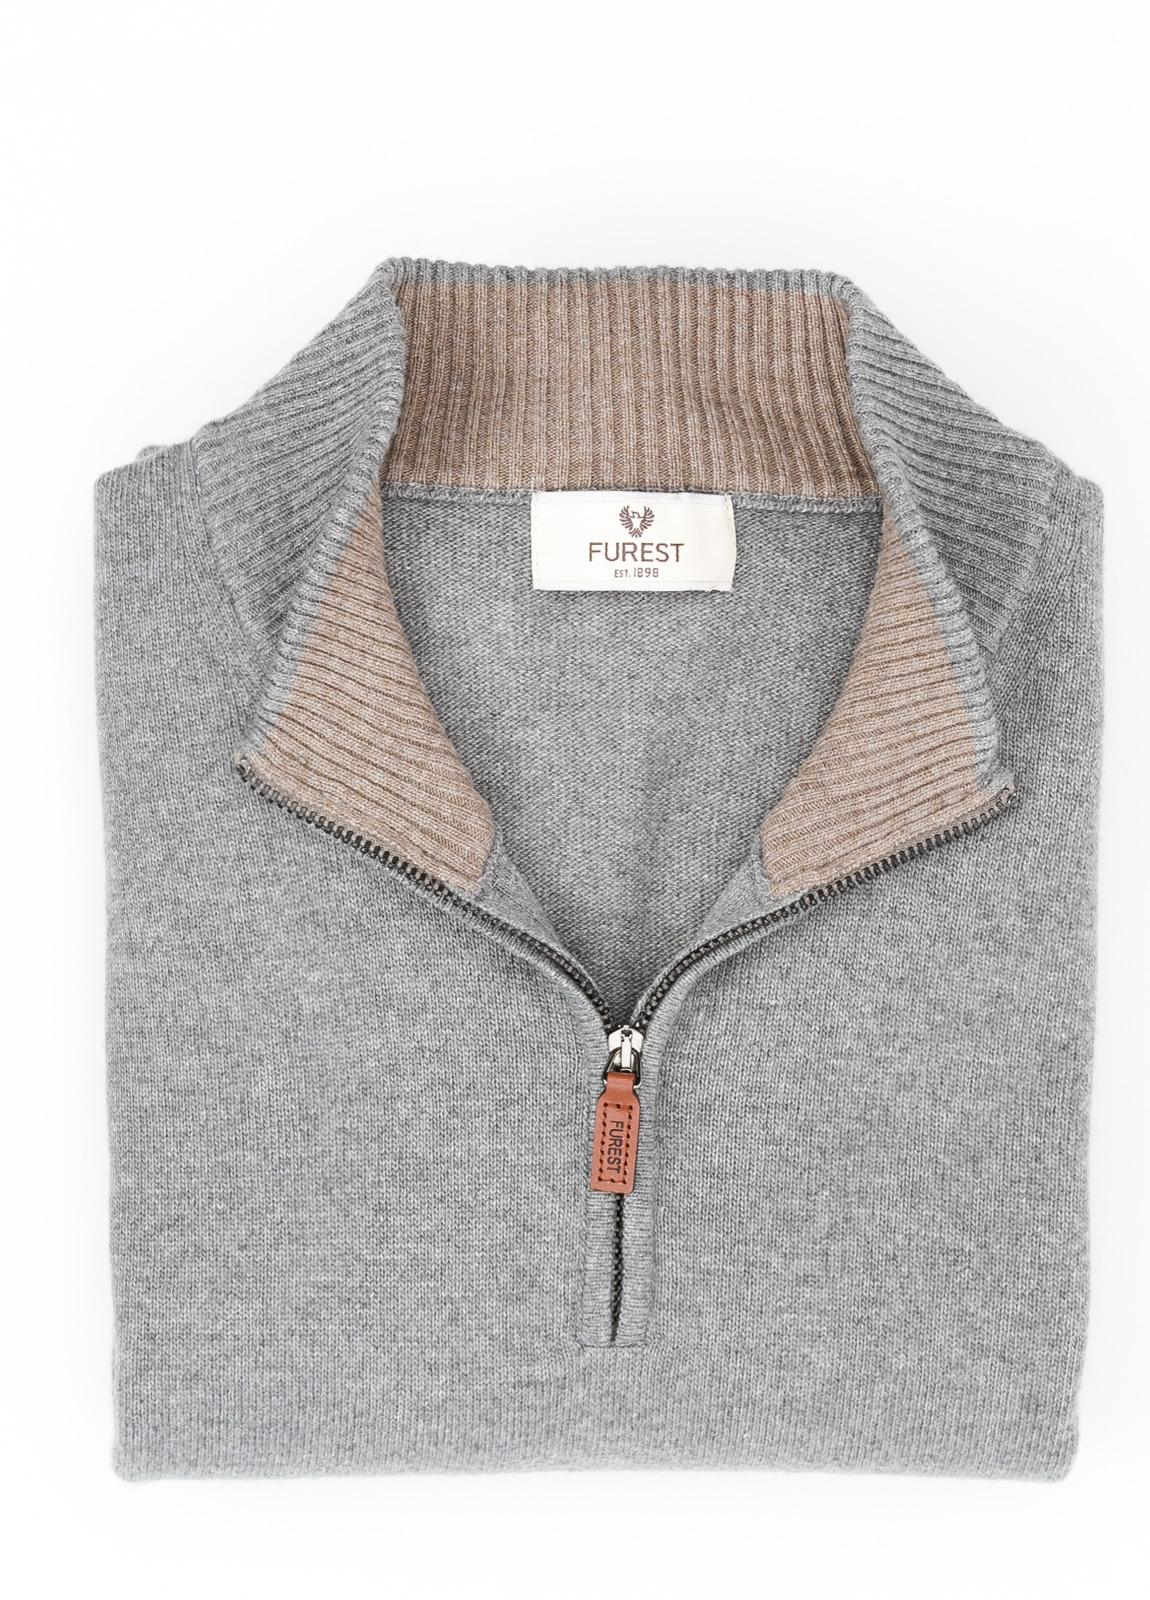 Jersey liso cuello cremallera, color gris medio, 40% lana merino, 30% viscosa, 10% cachemire - Ítem1